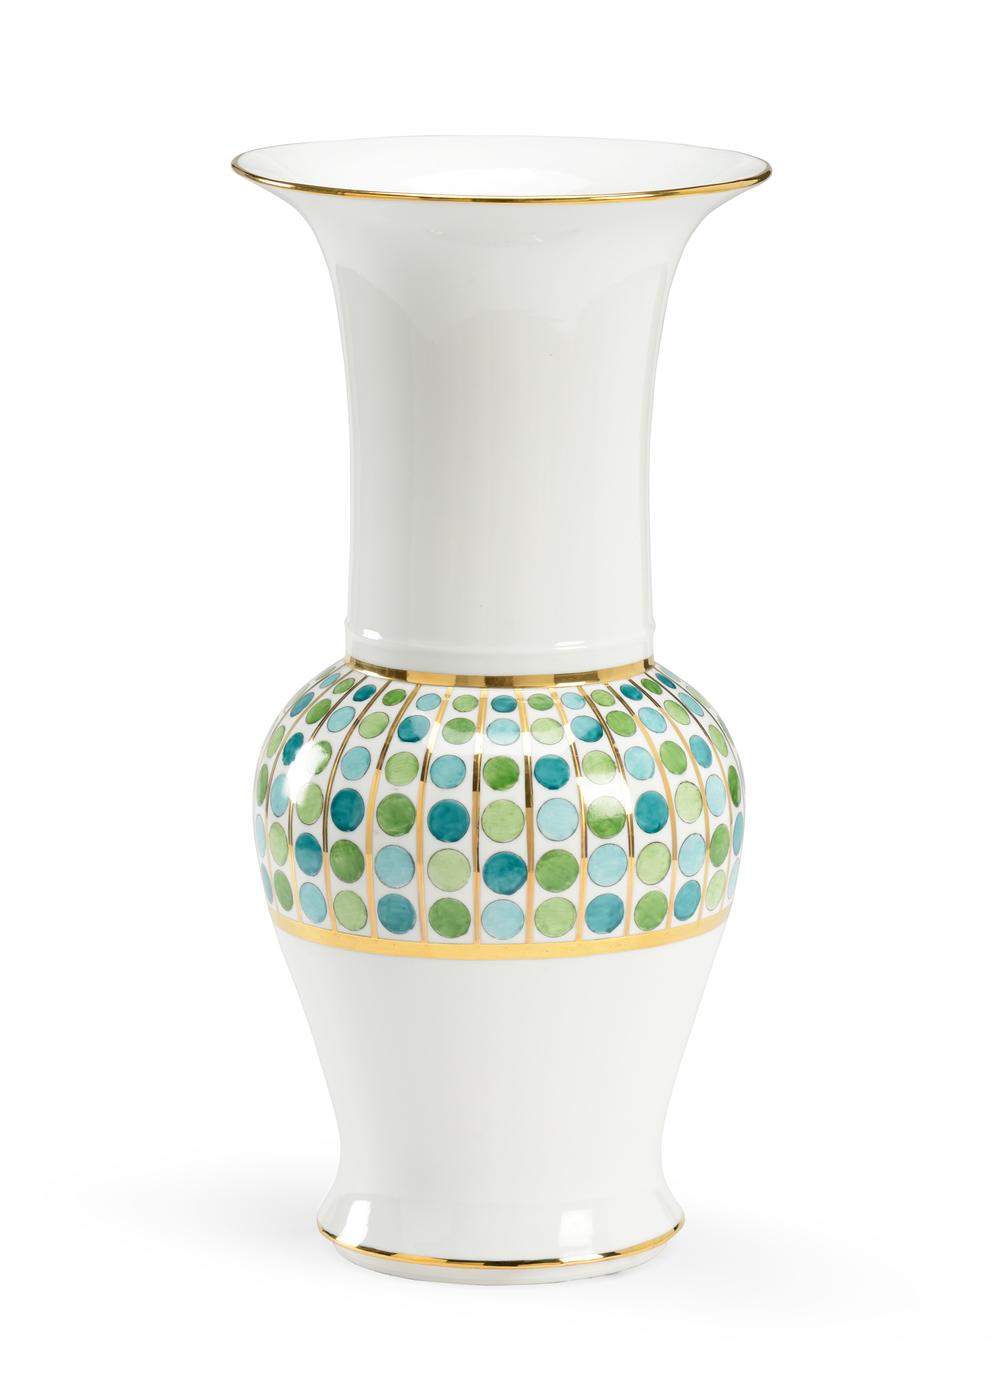 Chelsea House - Cambridge Vase